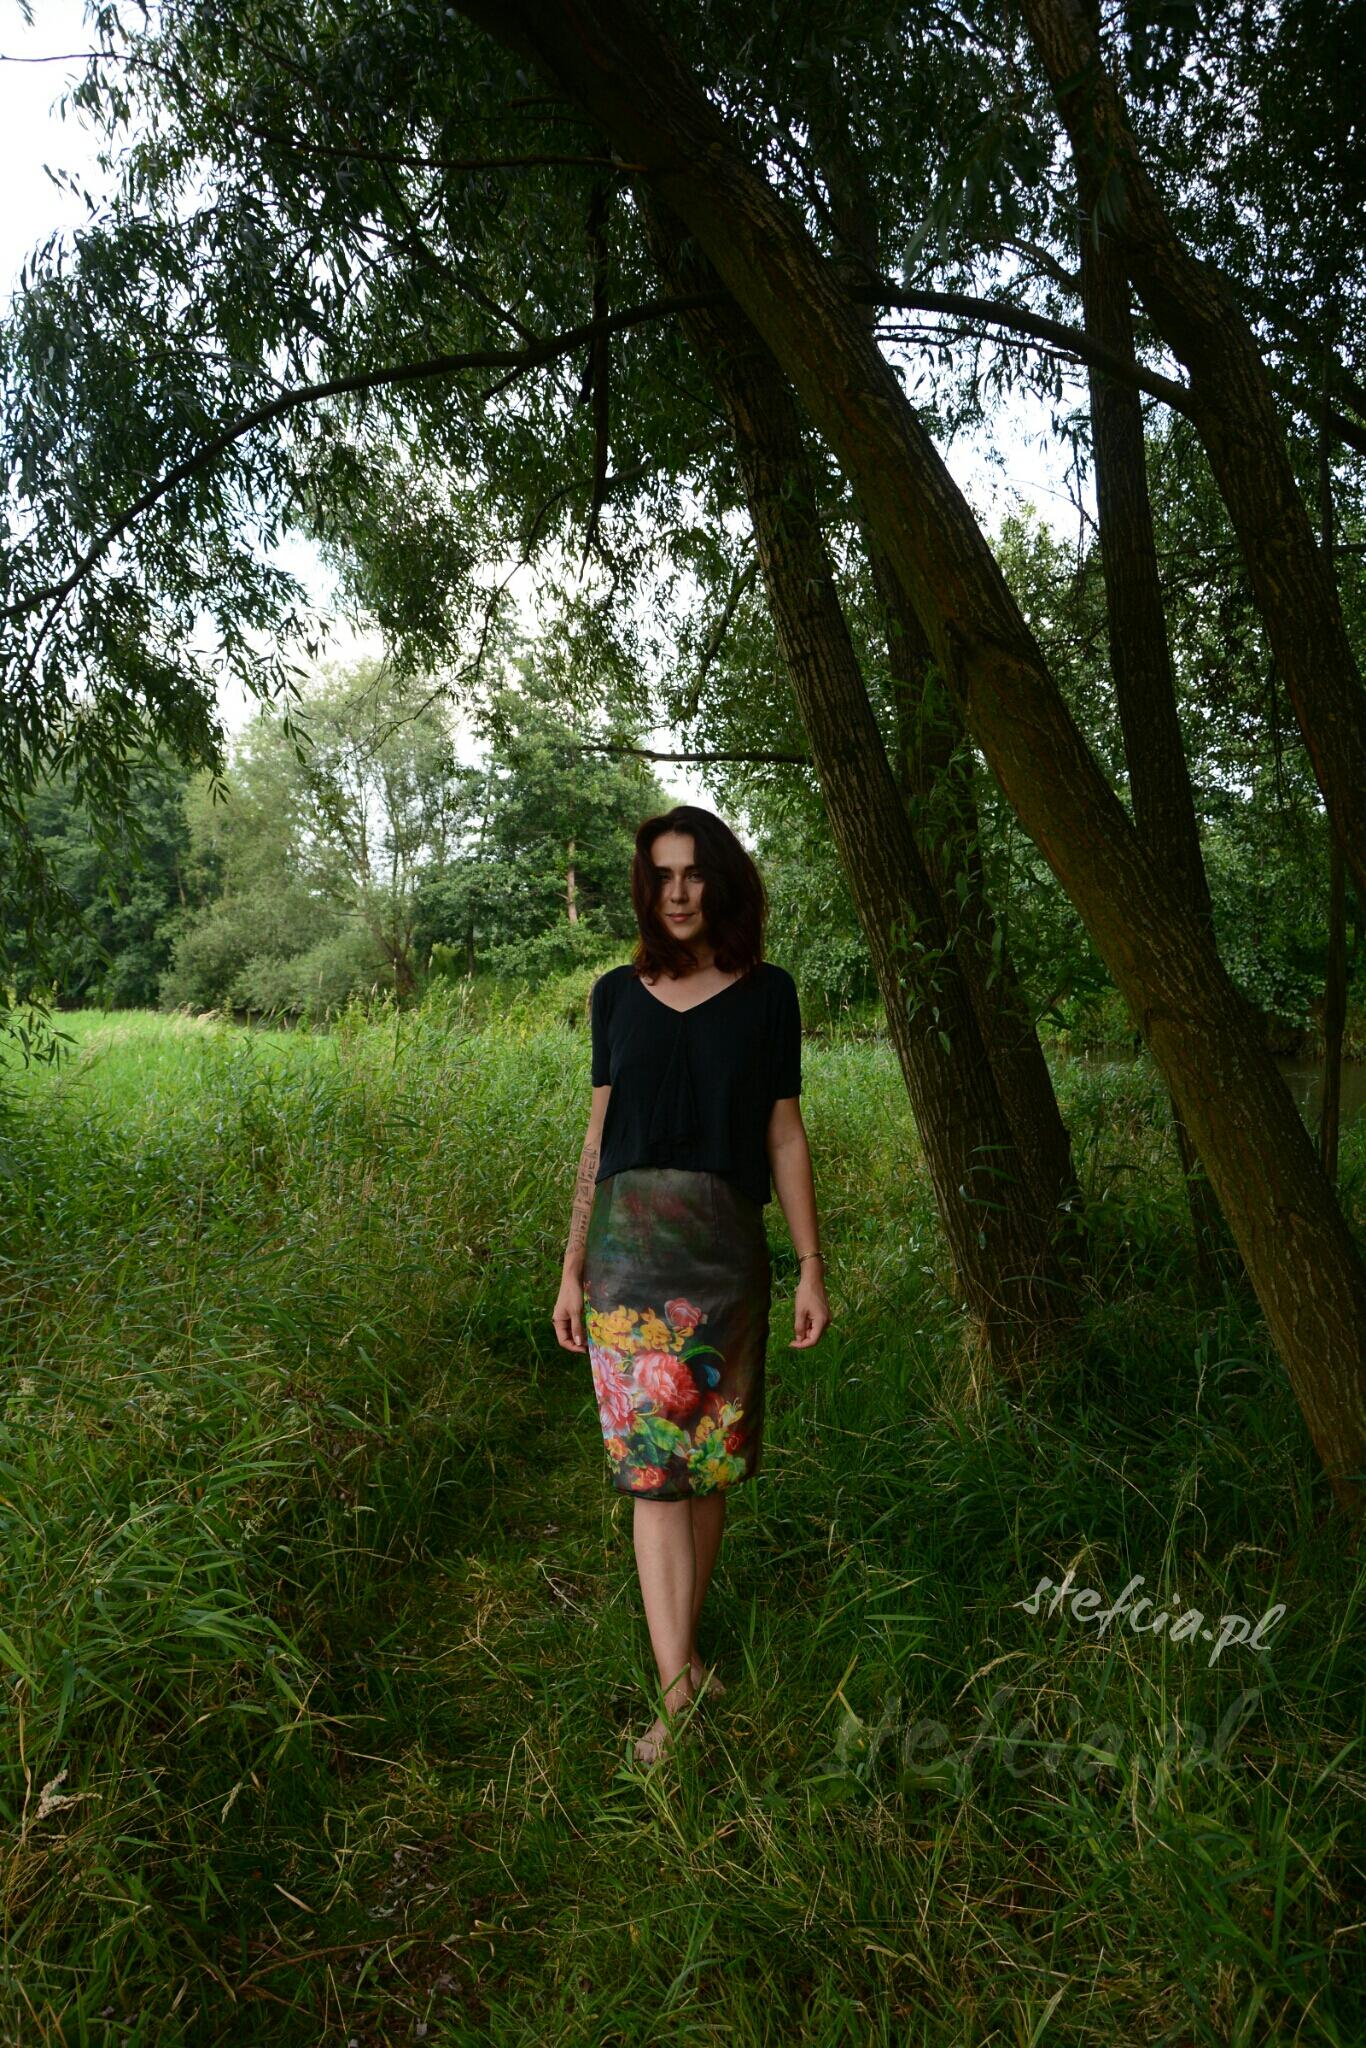 Spódnica / Skirt